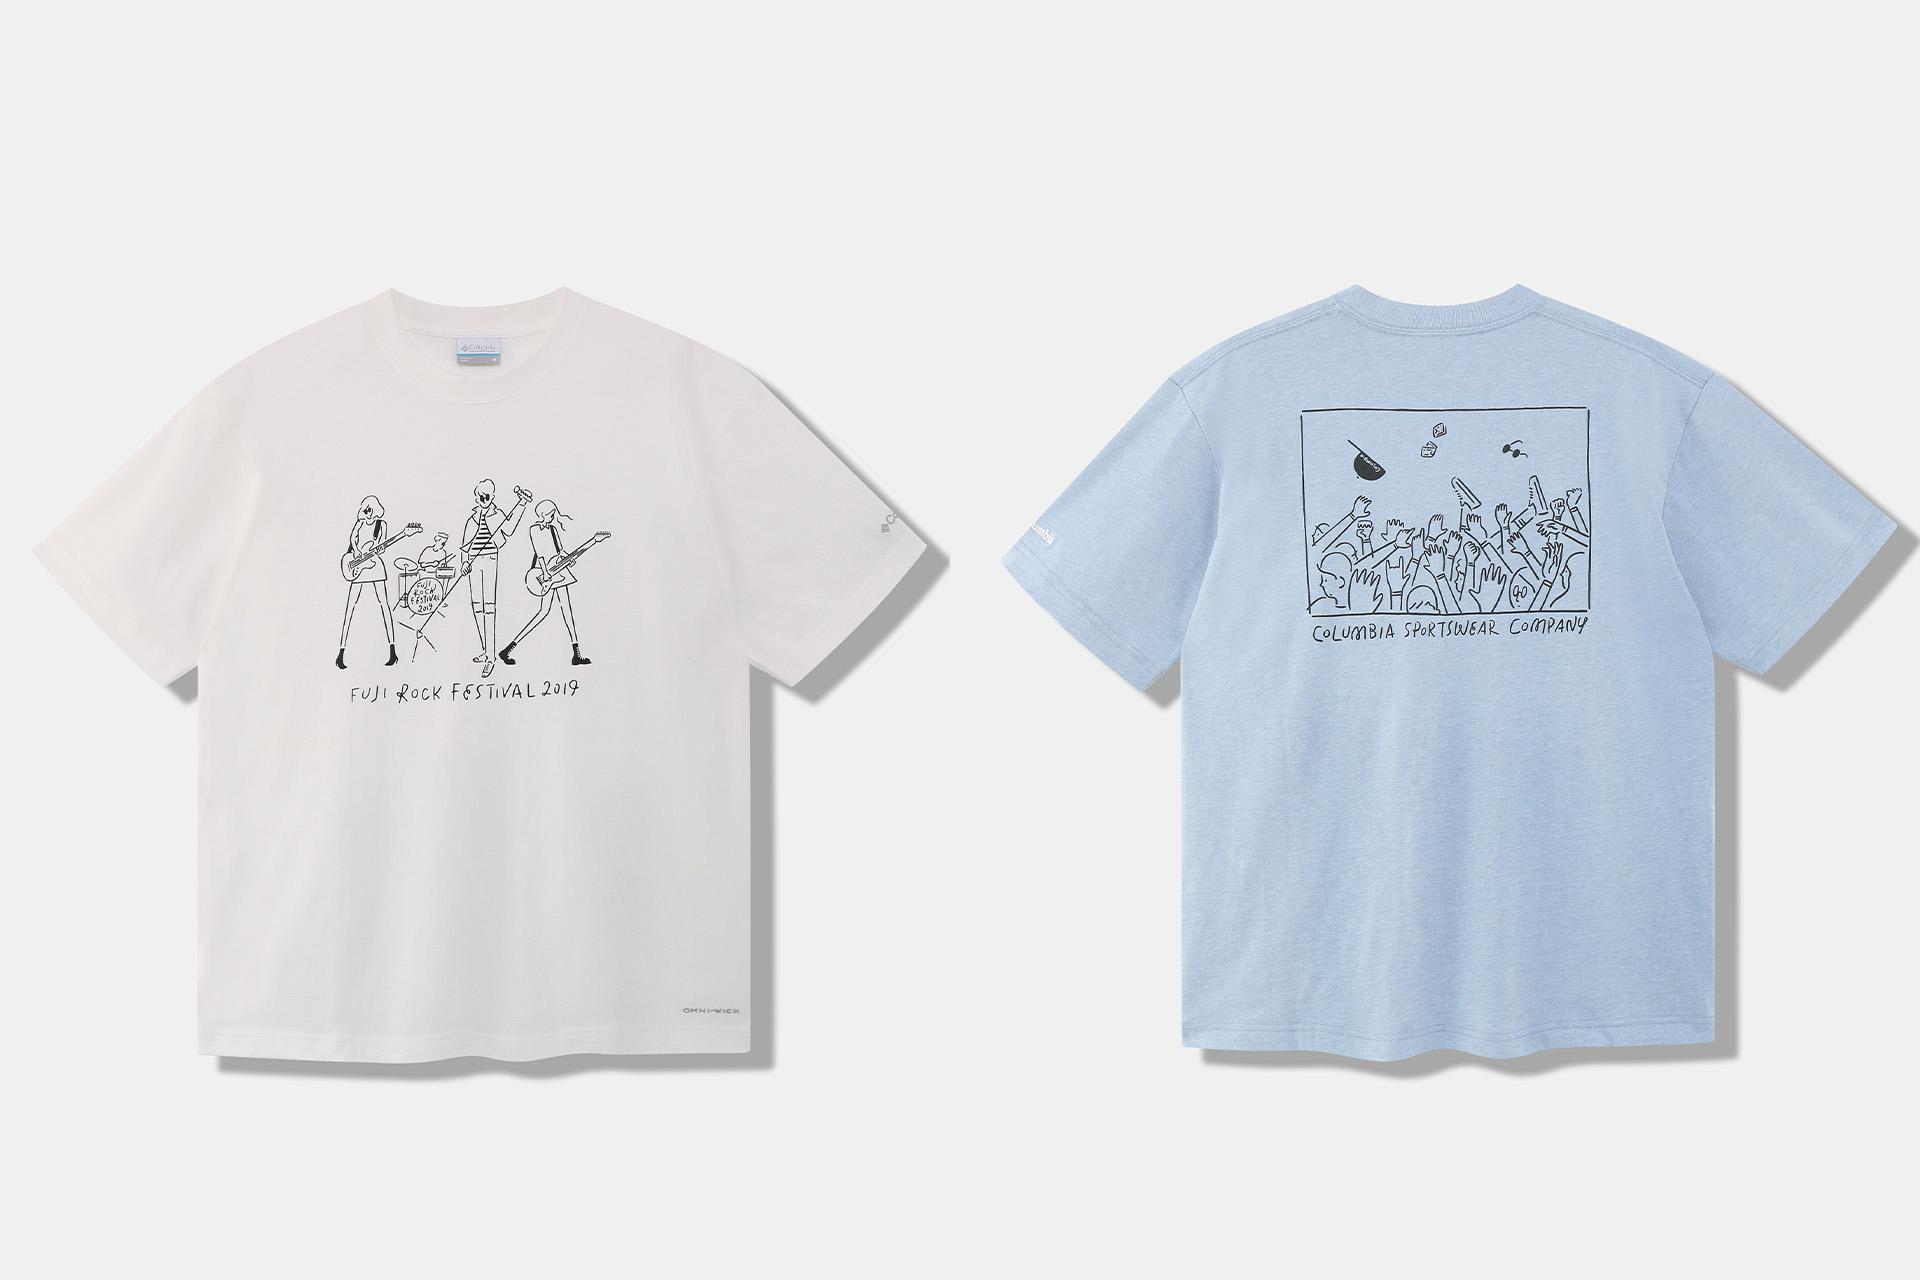 5 アーティスト・長場雄さんと歴代フジロック×コロンビアTシャツ